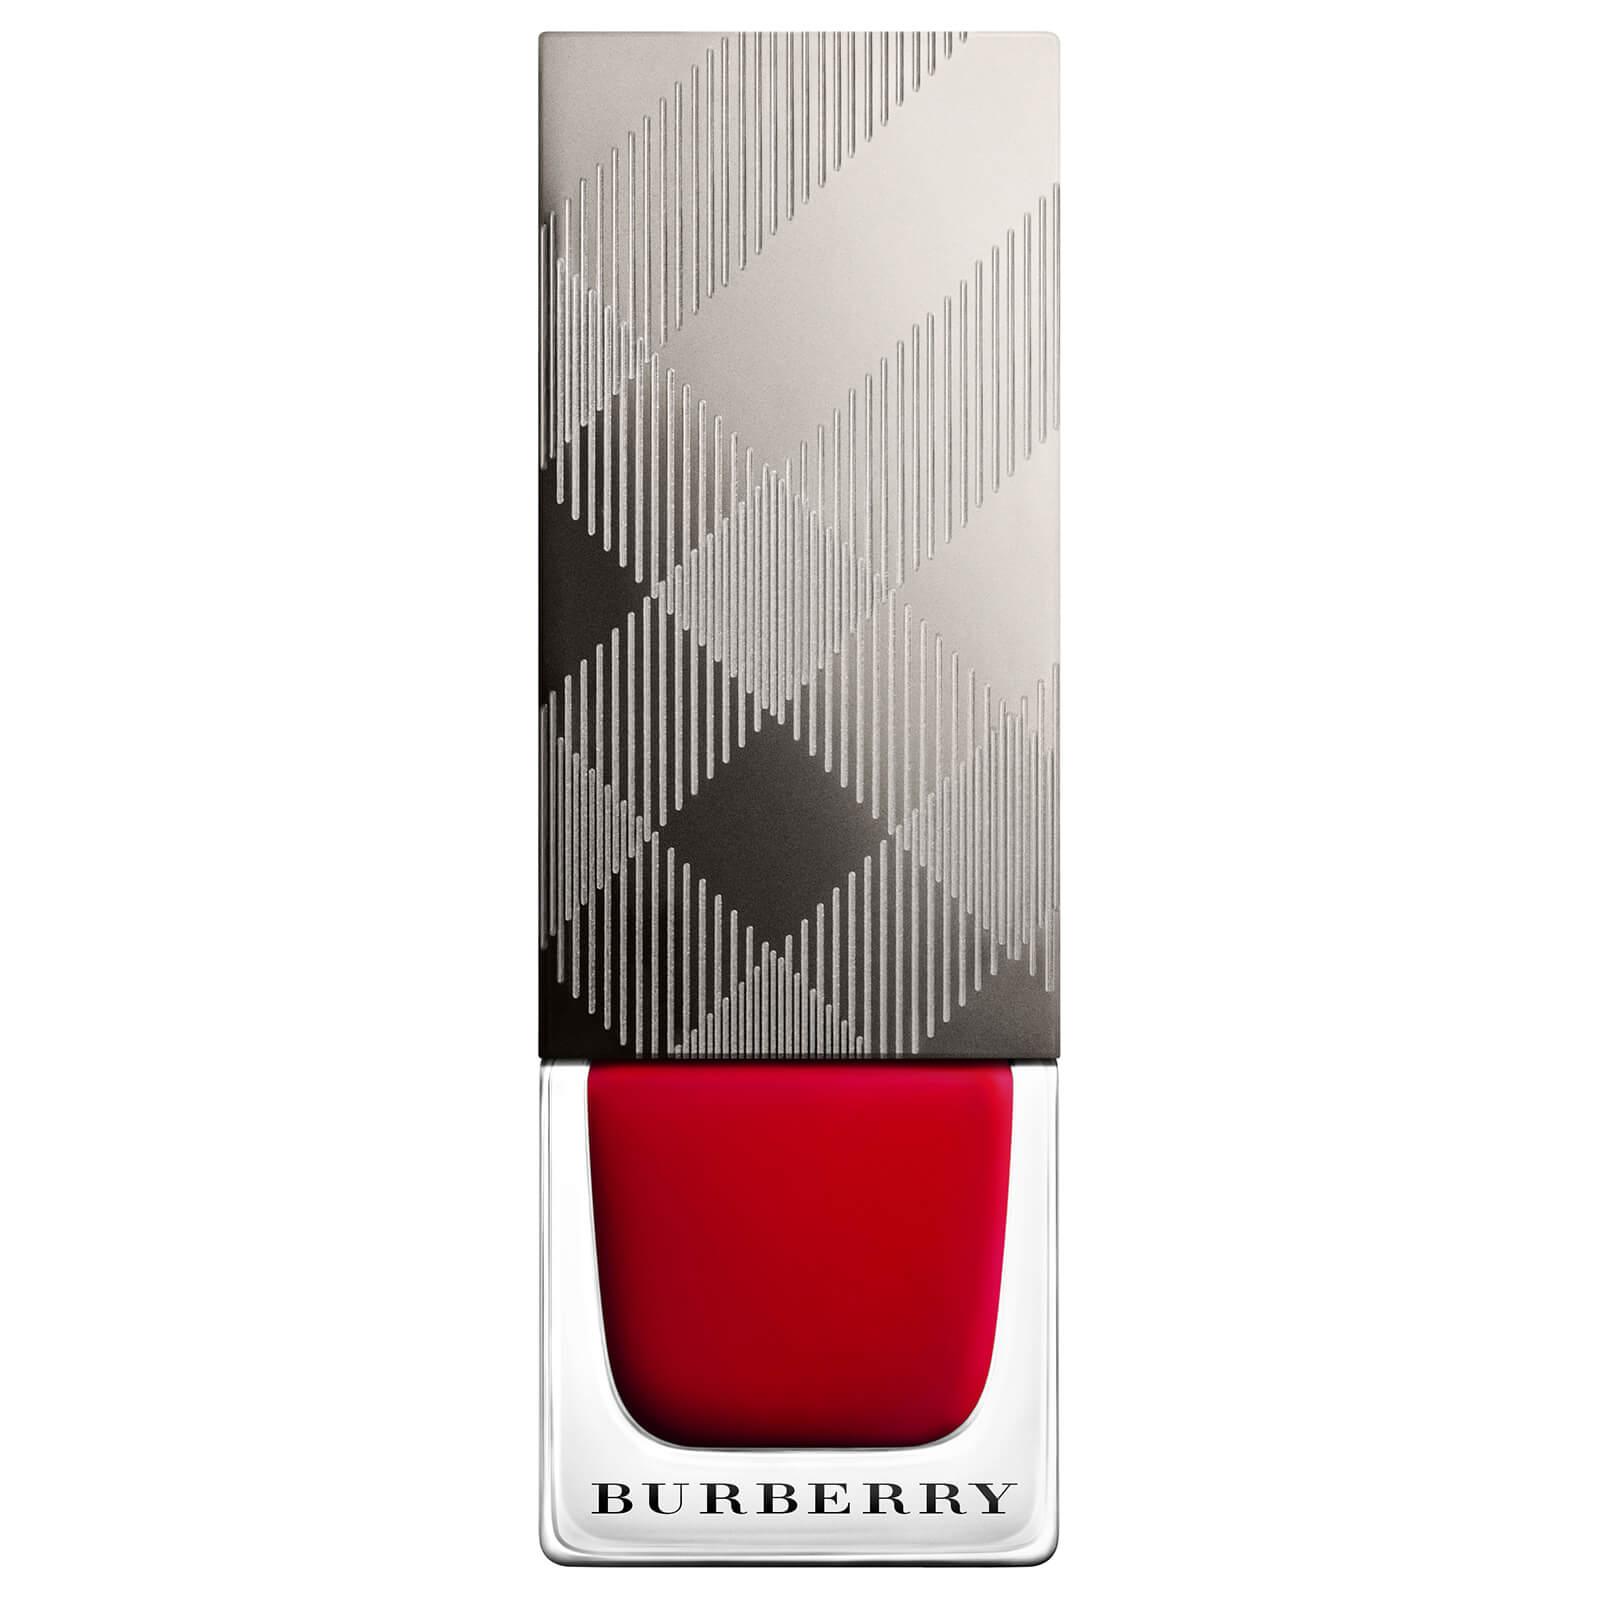 Burberry Nail Polish 8ml (Various Shades) - Military Red No. 300